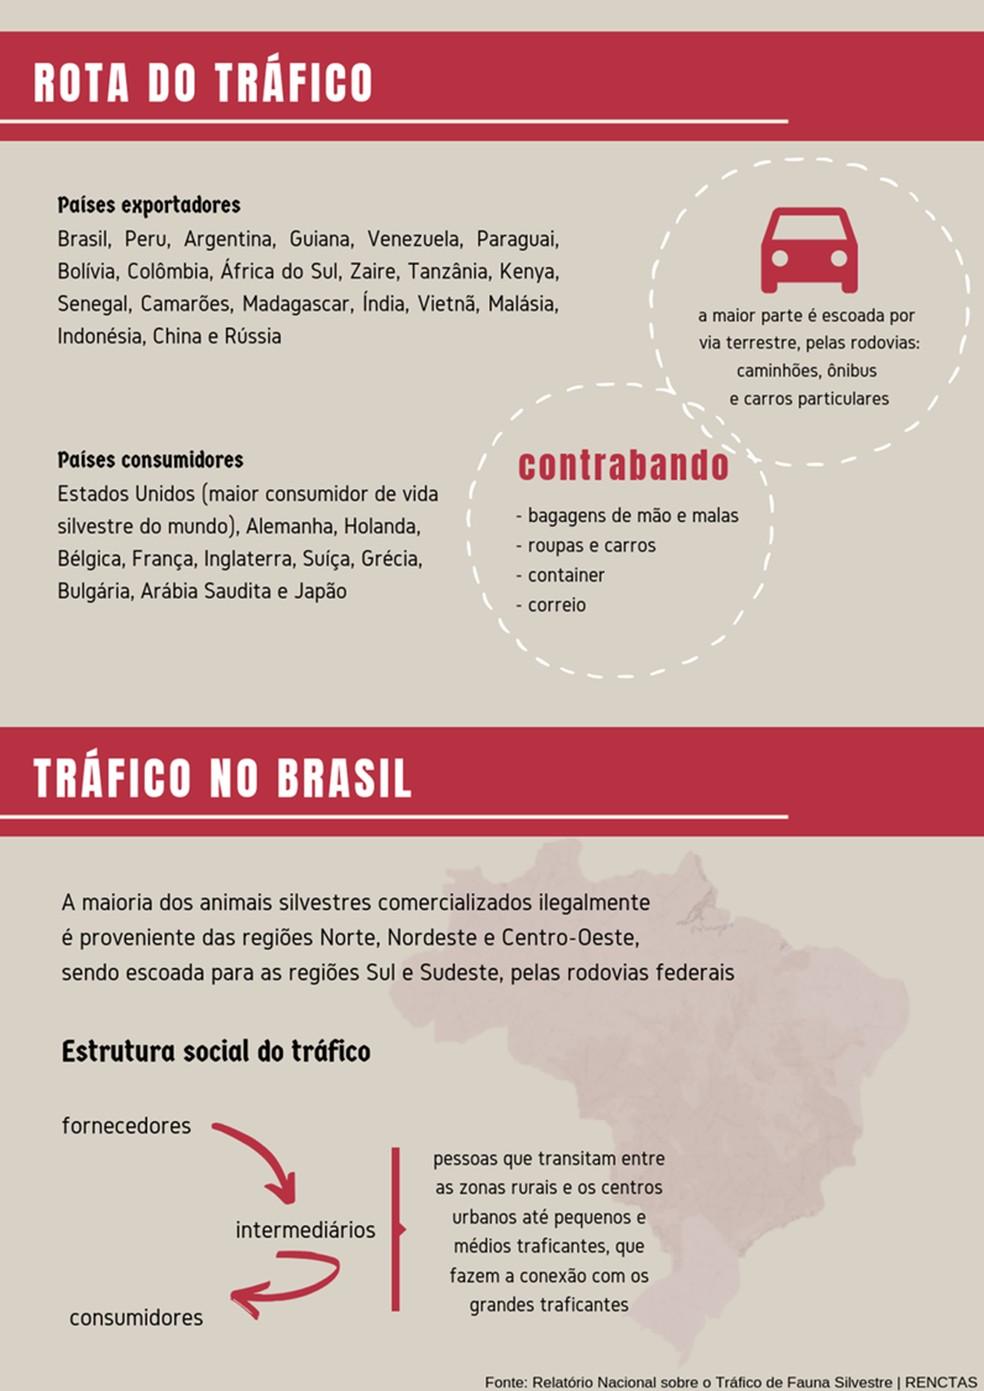 O contrabando de grande porte pode envolver grandes comerciantes brasileiros e estrangeiros — Foto: Arte/TG